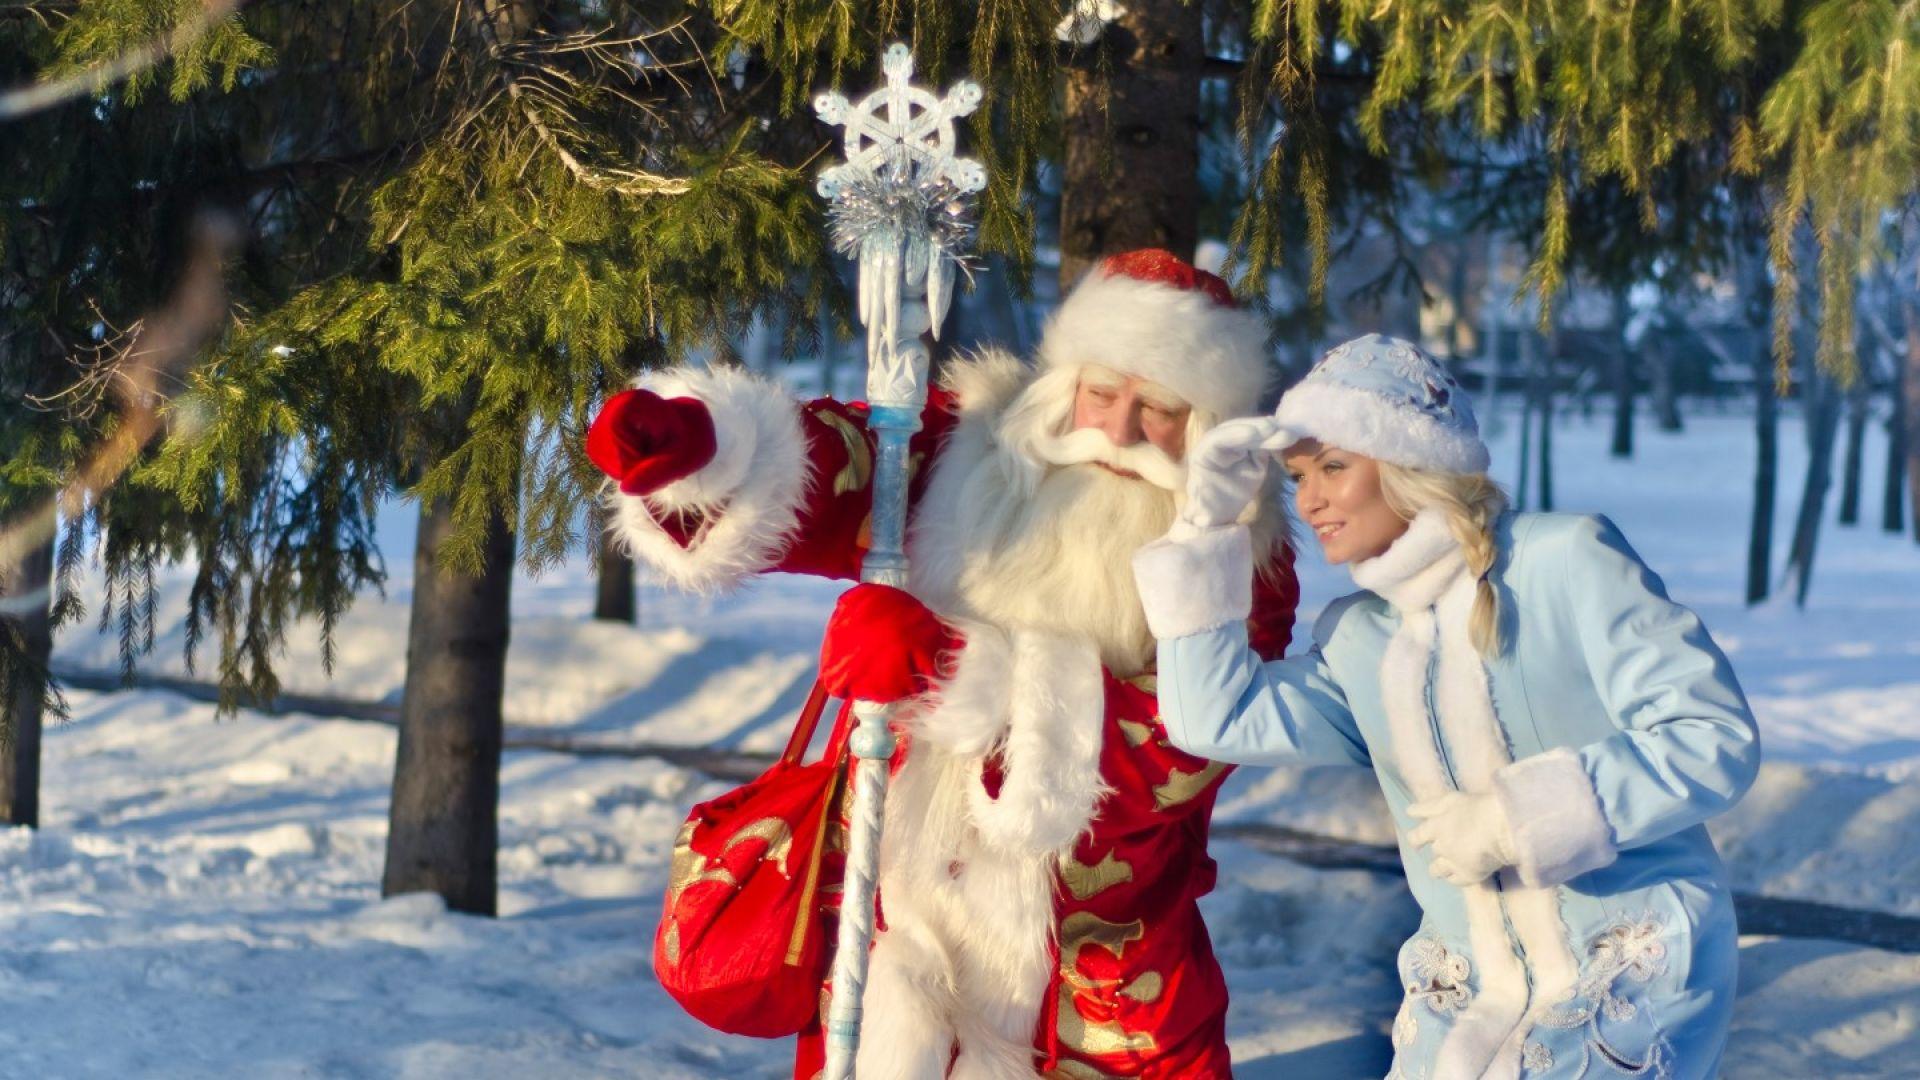 Жените искат от Дядо Мраз пътешествие по море, а мъжете нова кола